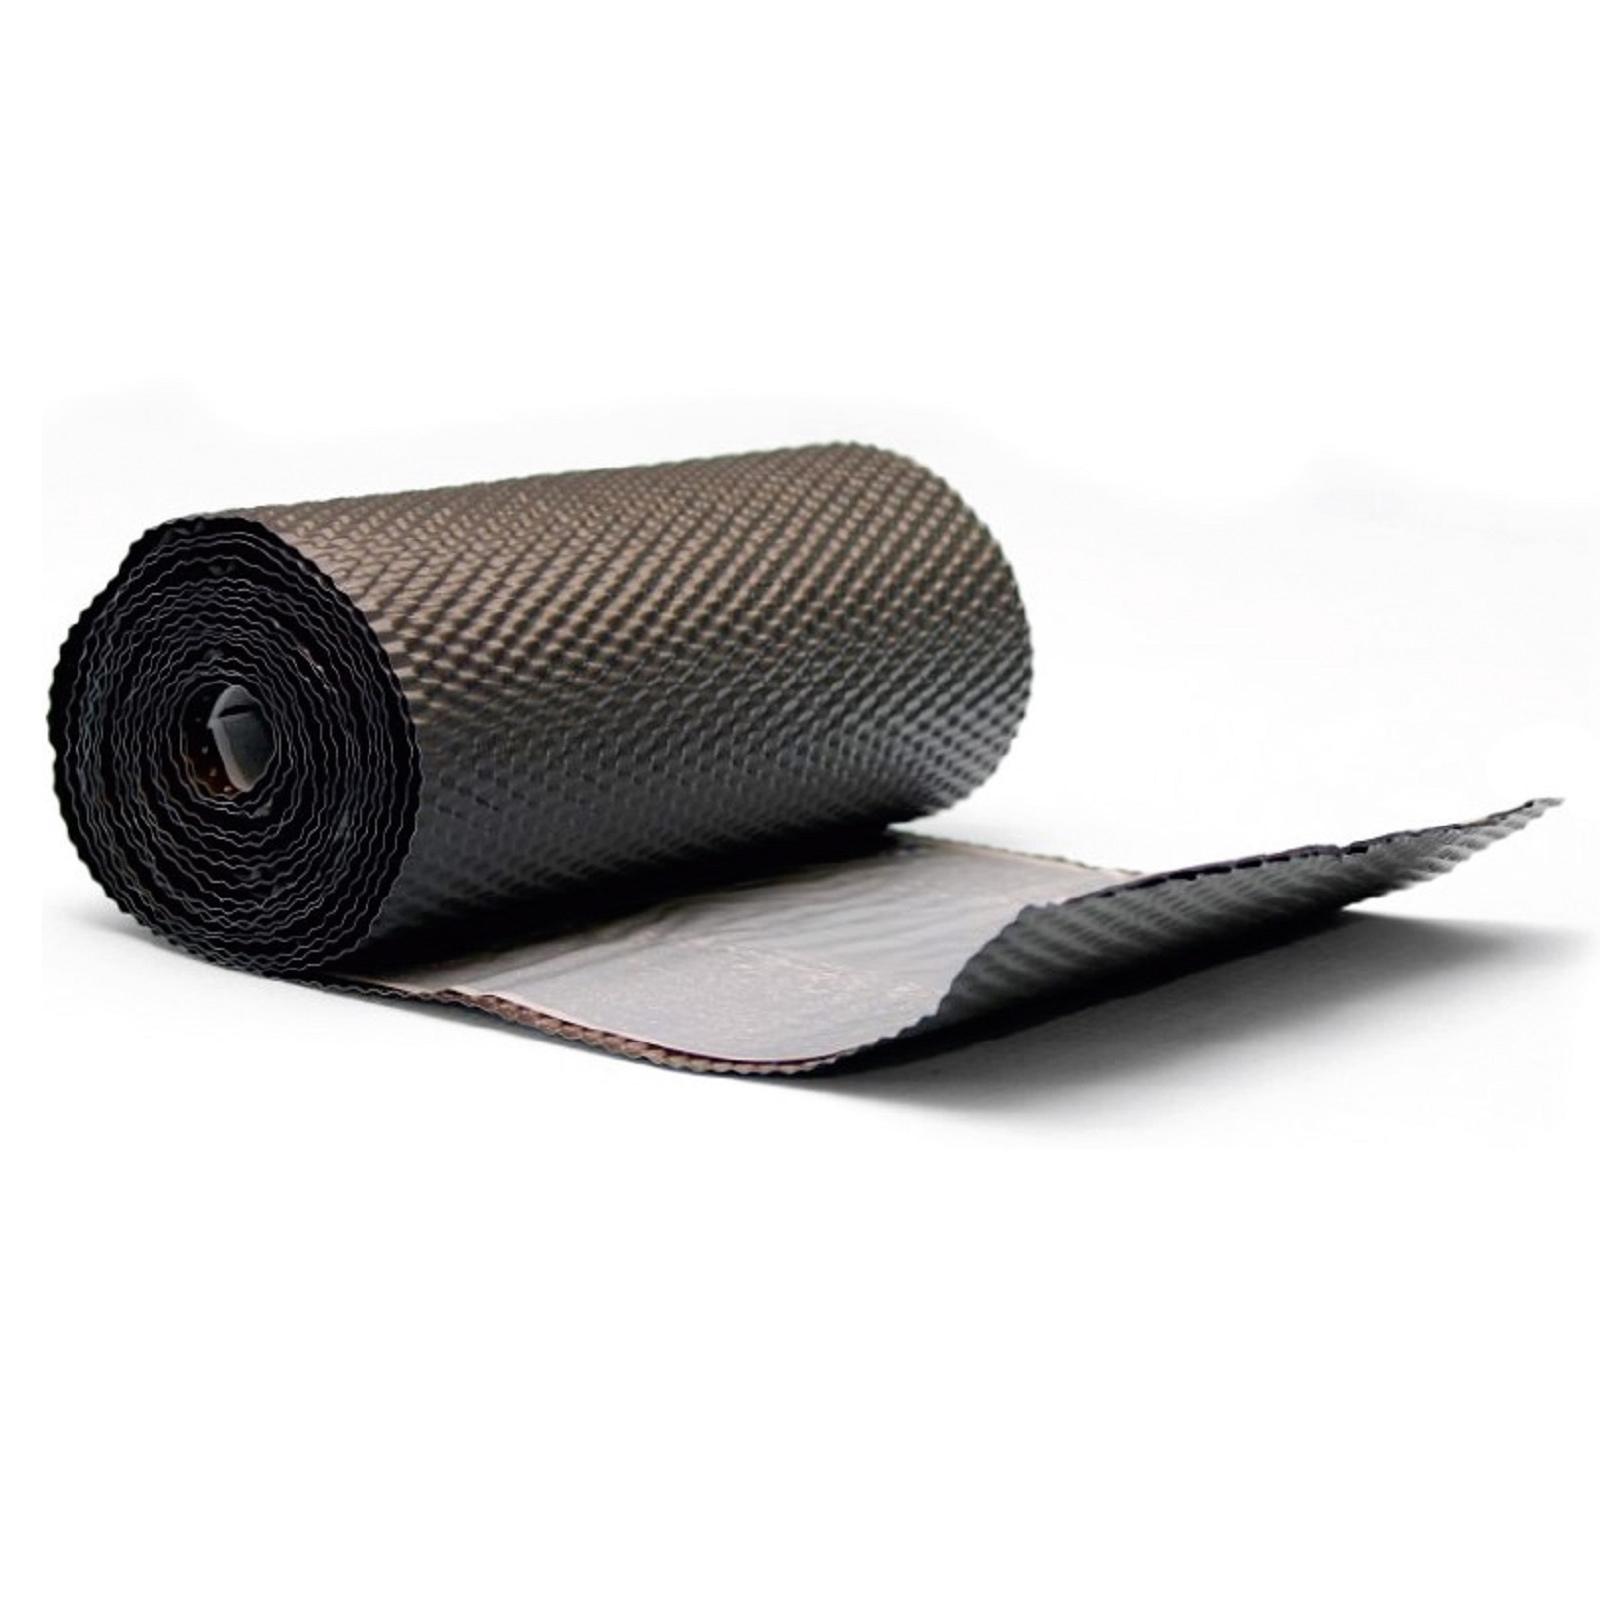 Befestigungstechnik Kaminanschluss Wandanschlussband Schlussband Dachrolle Kamin Alu 300mm schwarz 770106